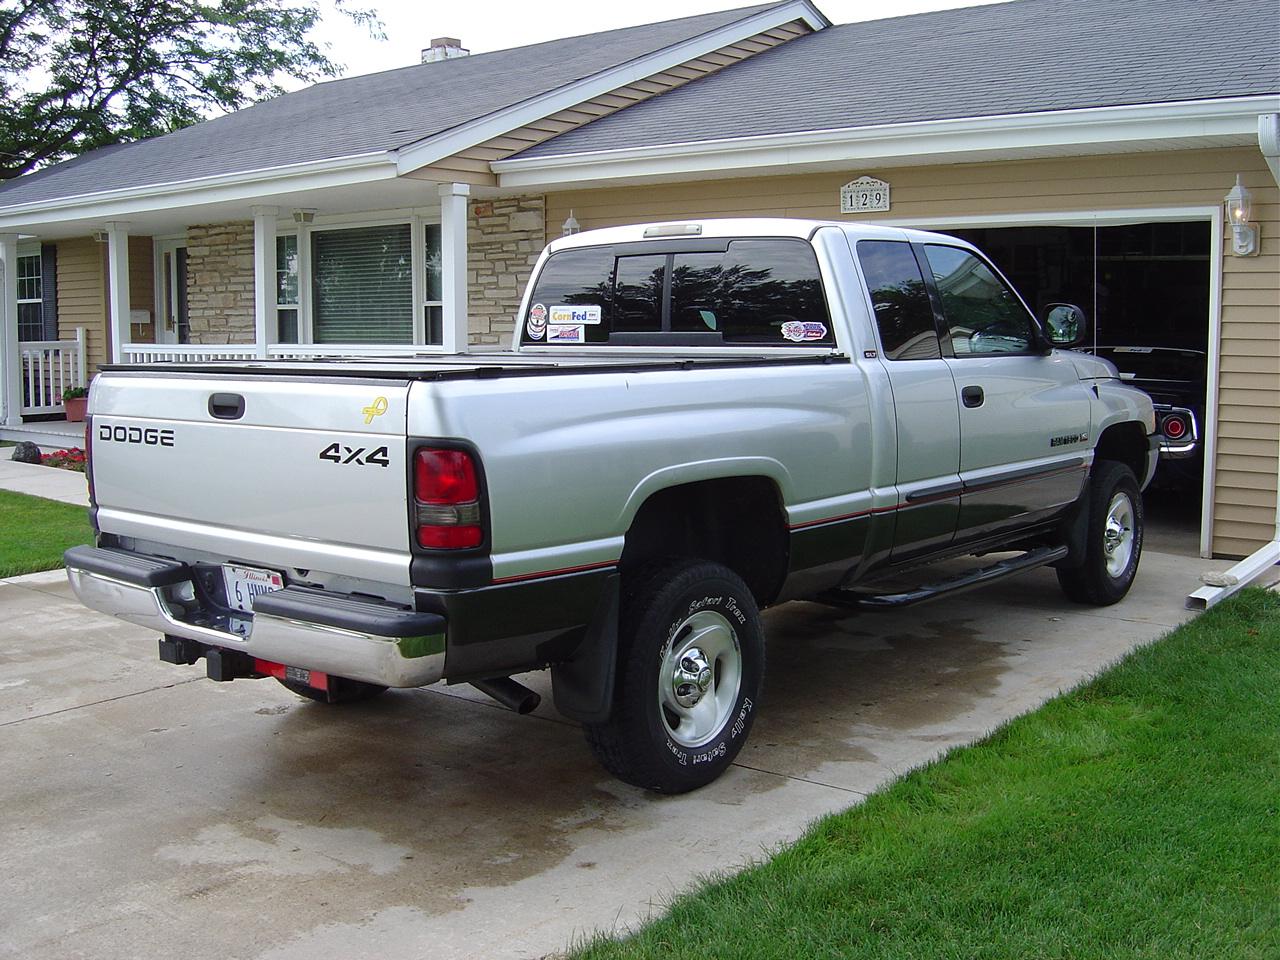 2001 dodge ram pickup 1500 4 dr slt 4wd extended cab sb picture. Black Bedroom Furniture Sets. Home Design Ideas